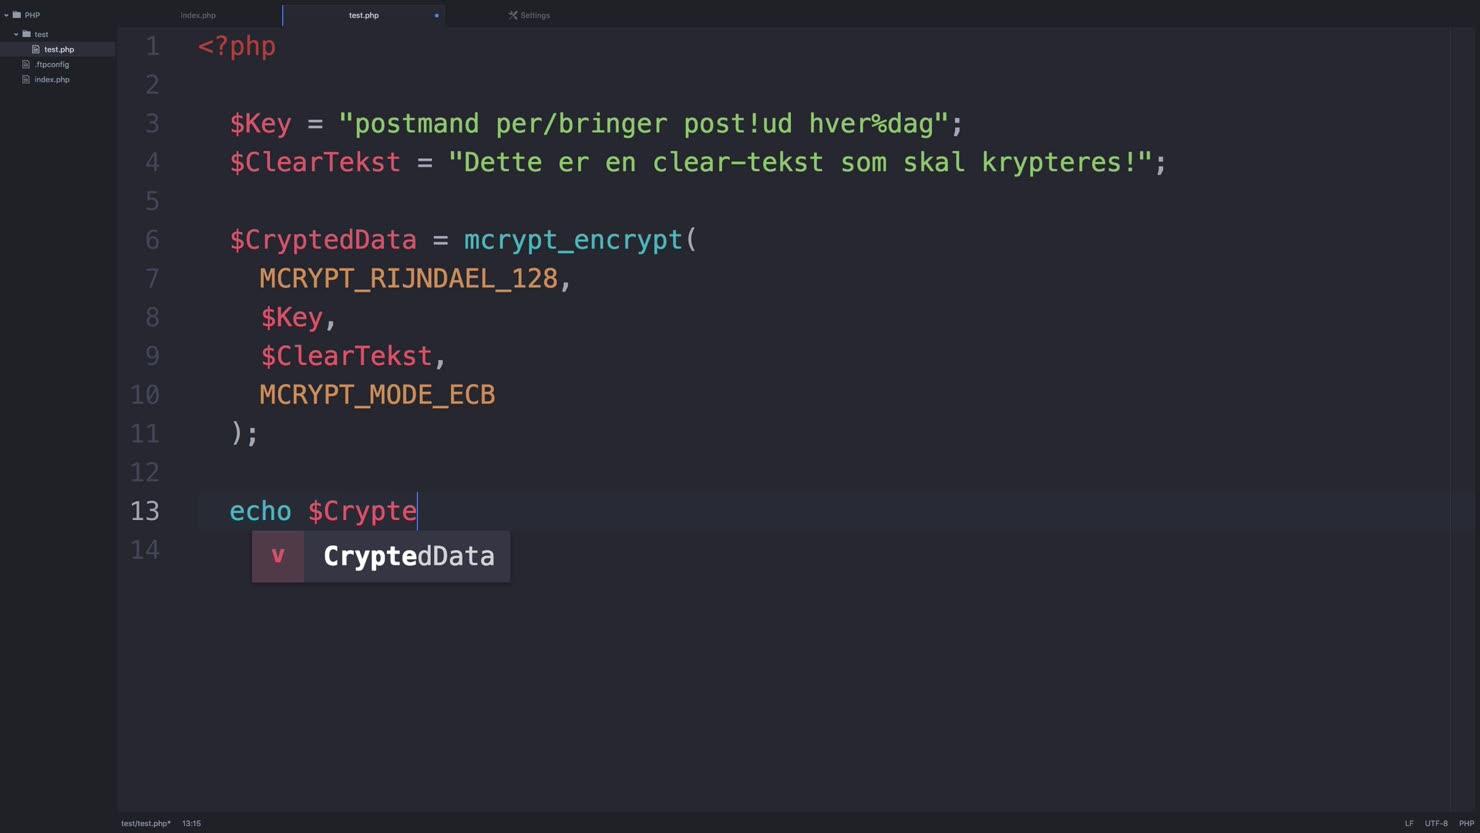 Kryptering af data i PHP